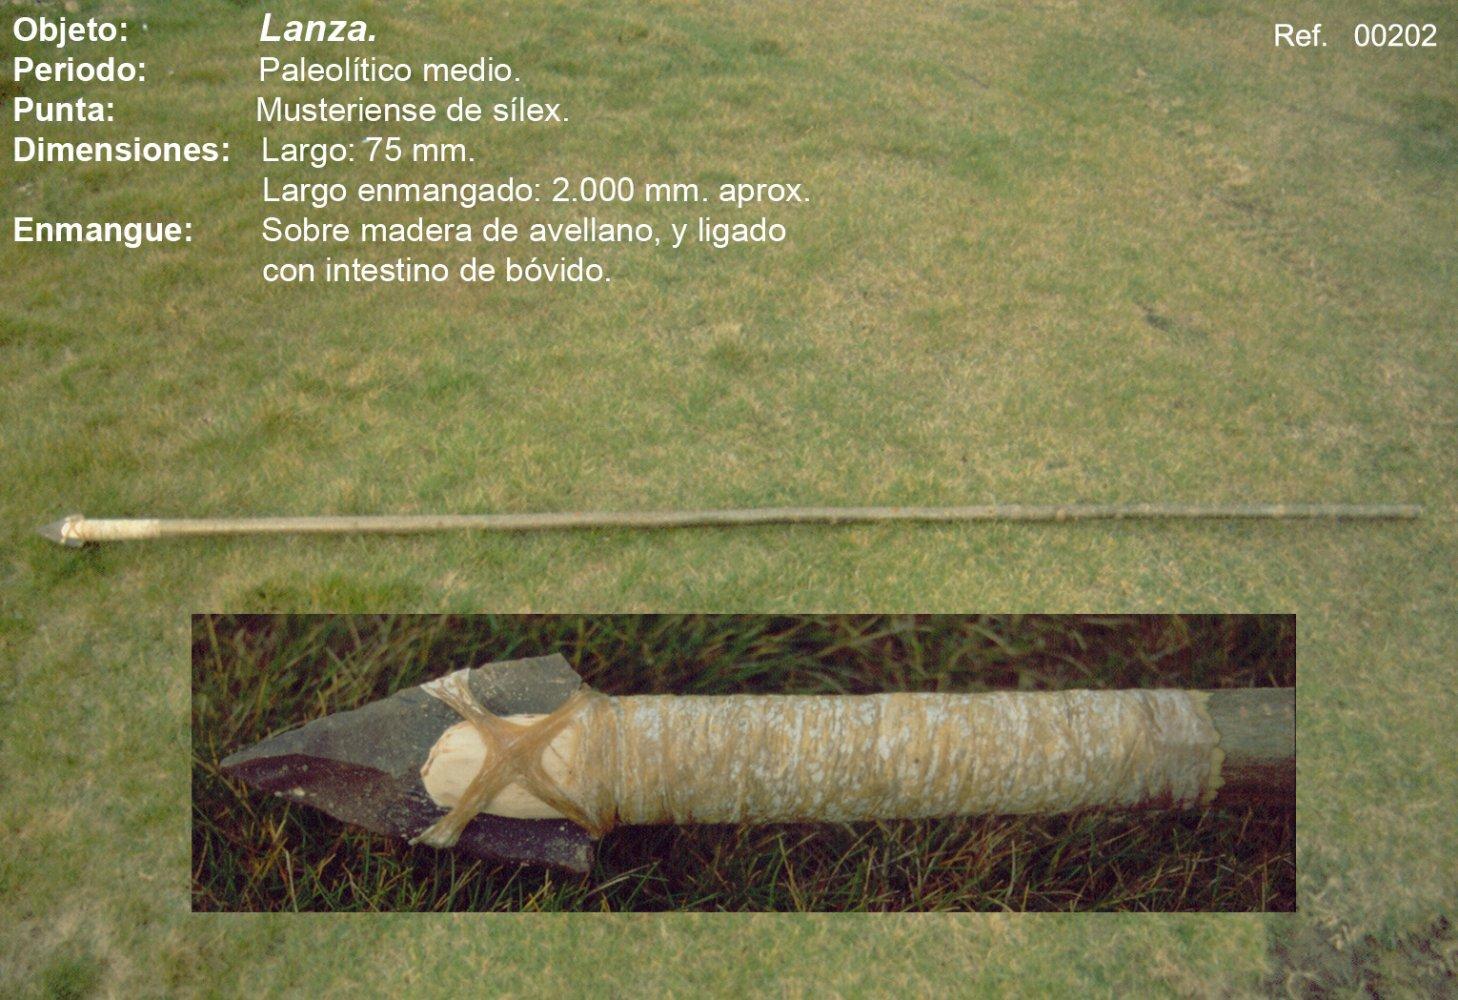 00202 Lanza neanderthal